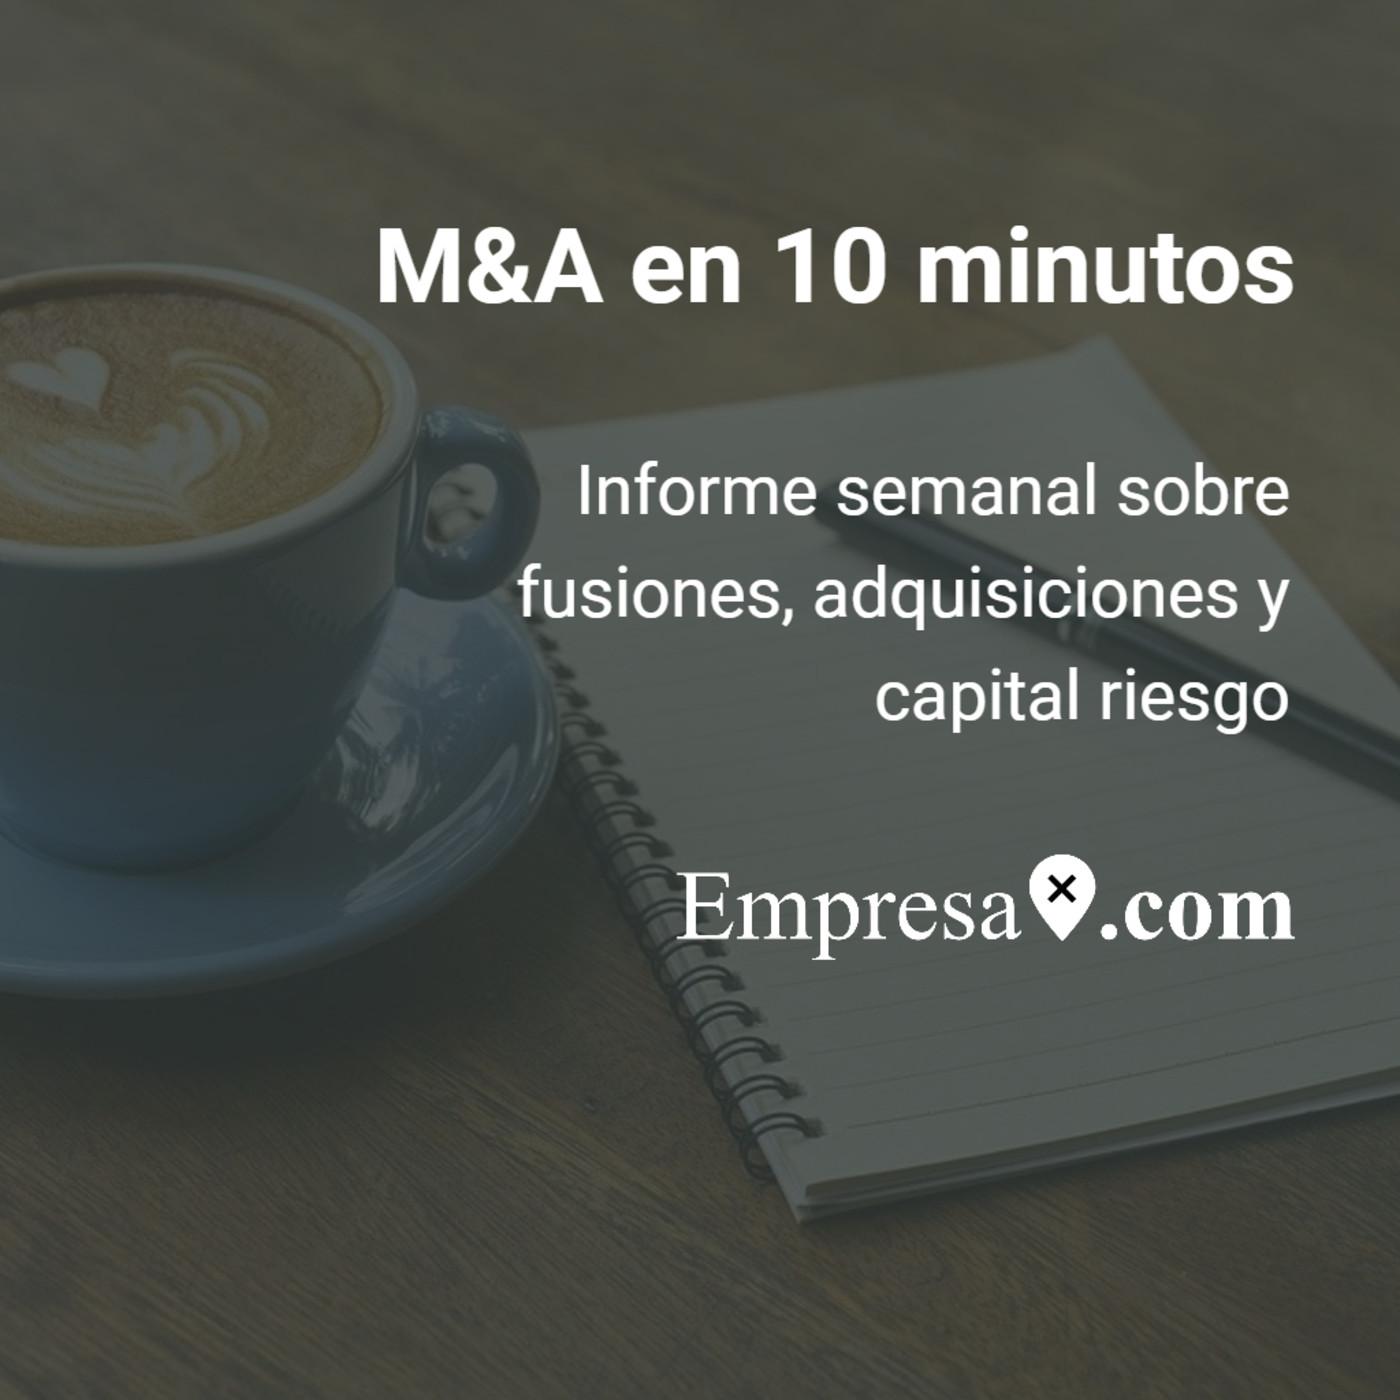 M&A en 10 minutos: Verse, Greenalia, De Heus, Atrys Health y Pharma Mar